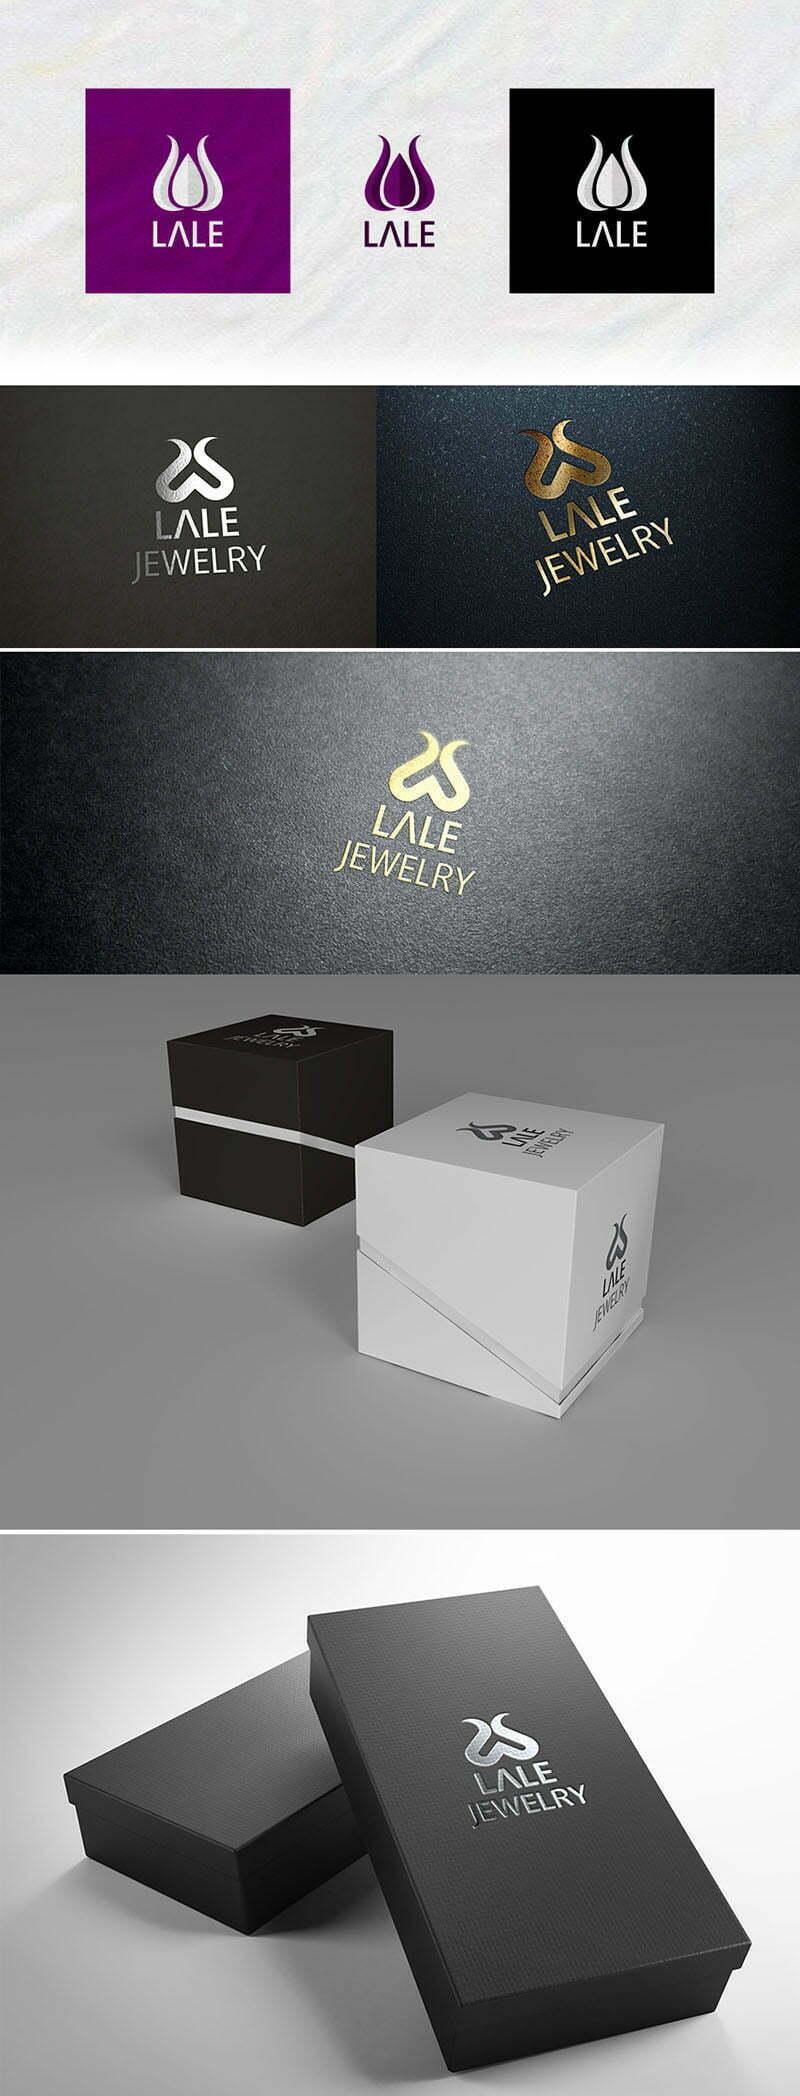 lale jewelry lale figürlü takı gümüş logo tasarımı